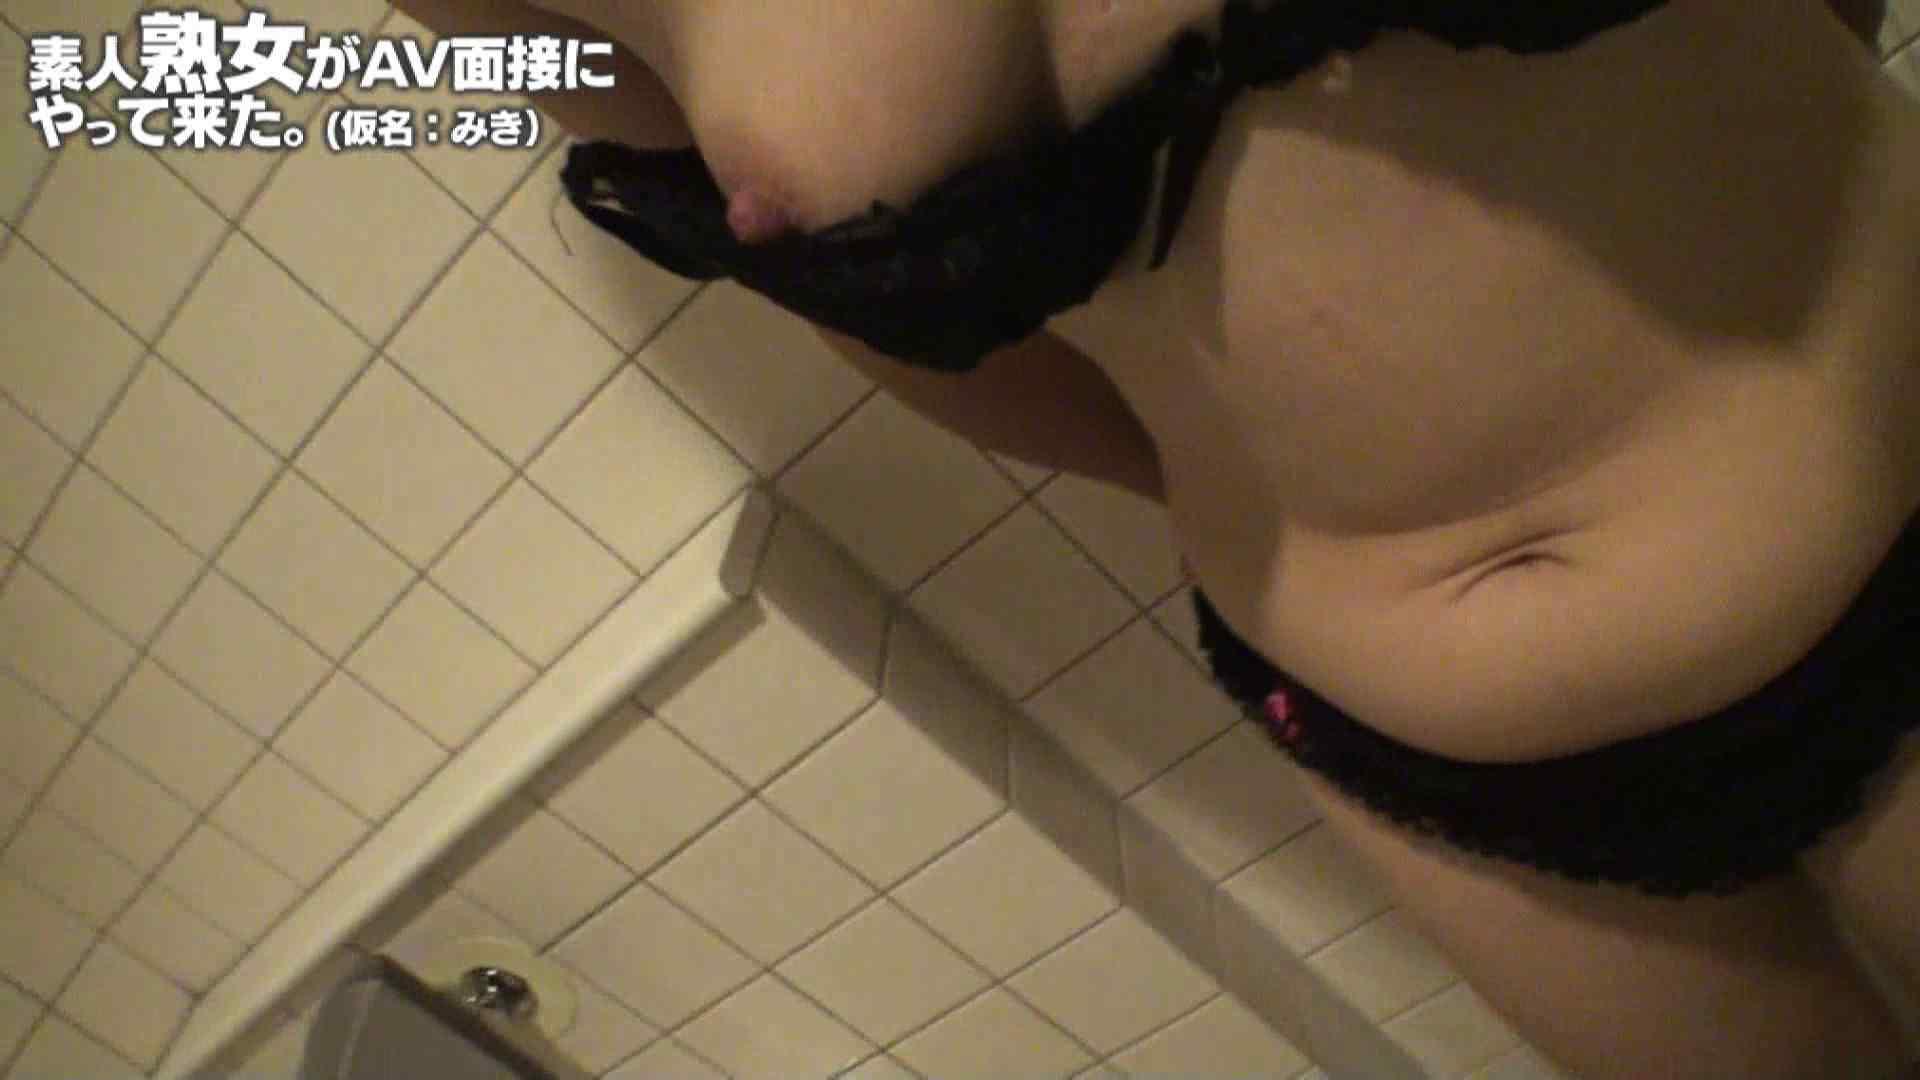 素人熟女がAV面接にやってきた (熟女)みきさんVOL.03 中出し 性交動画流出 105pic 63